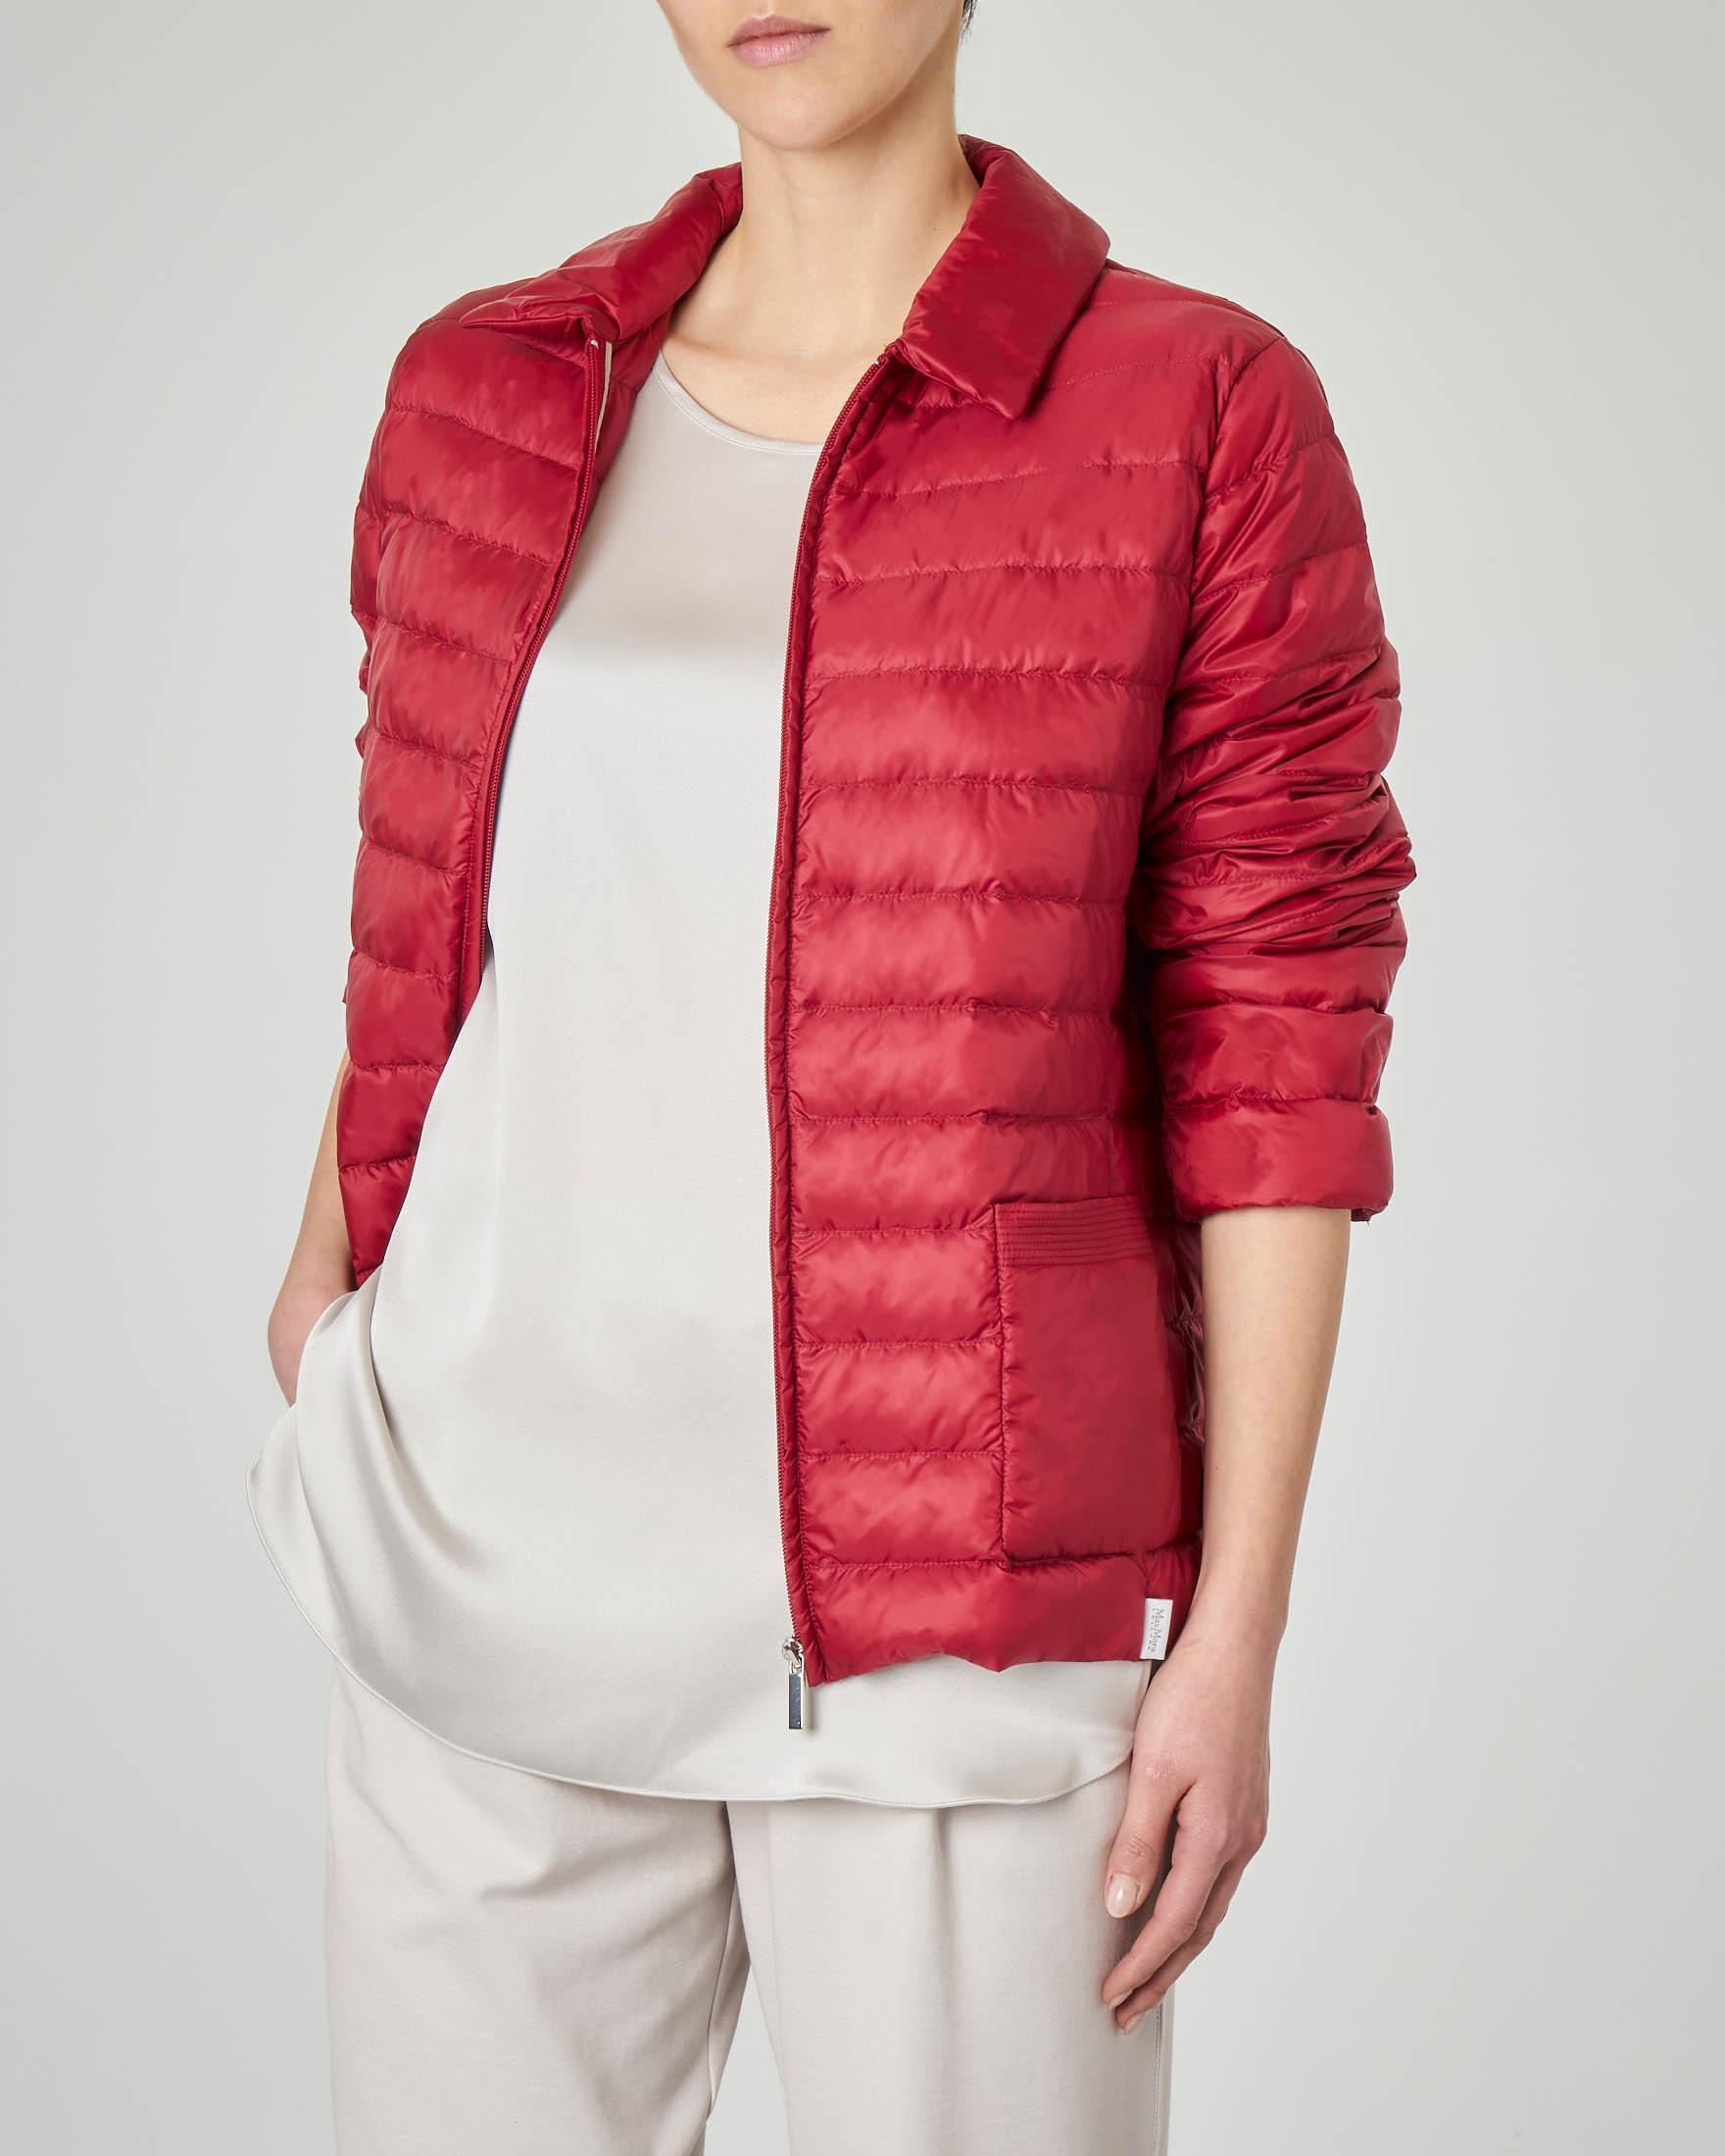 Piumino leggero rosso con colletto a camicia